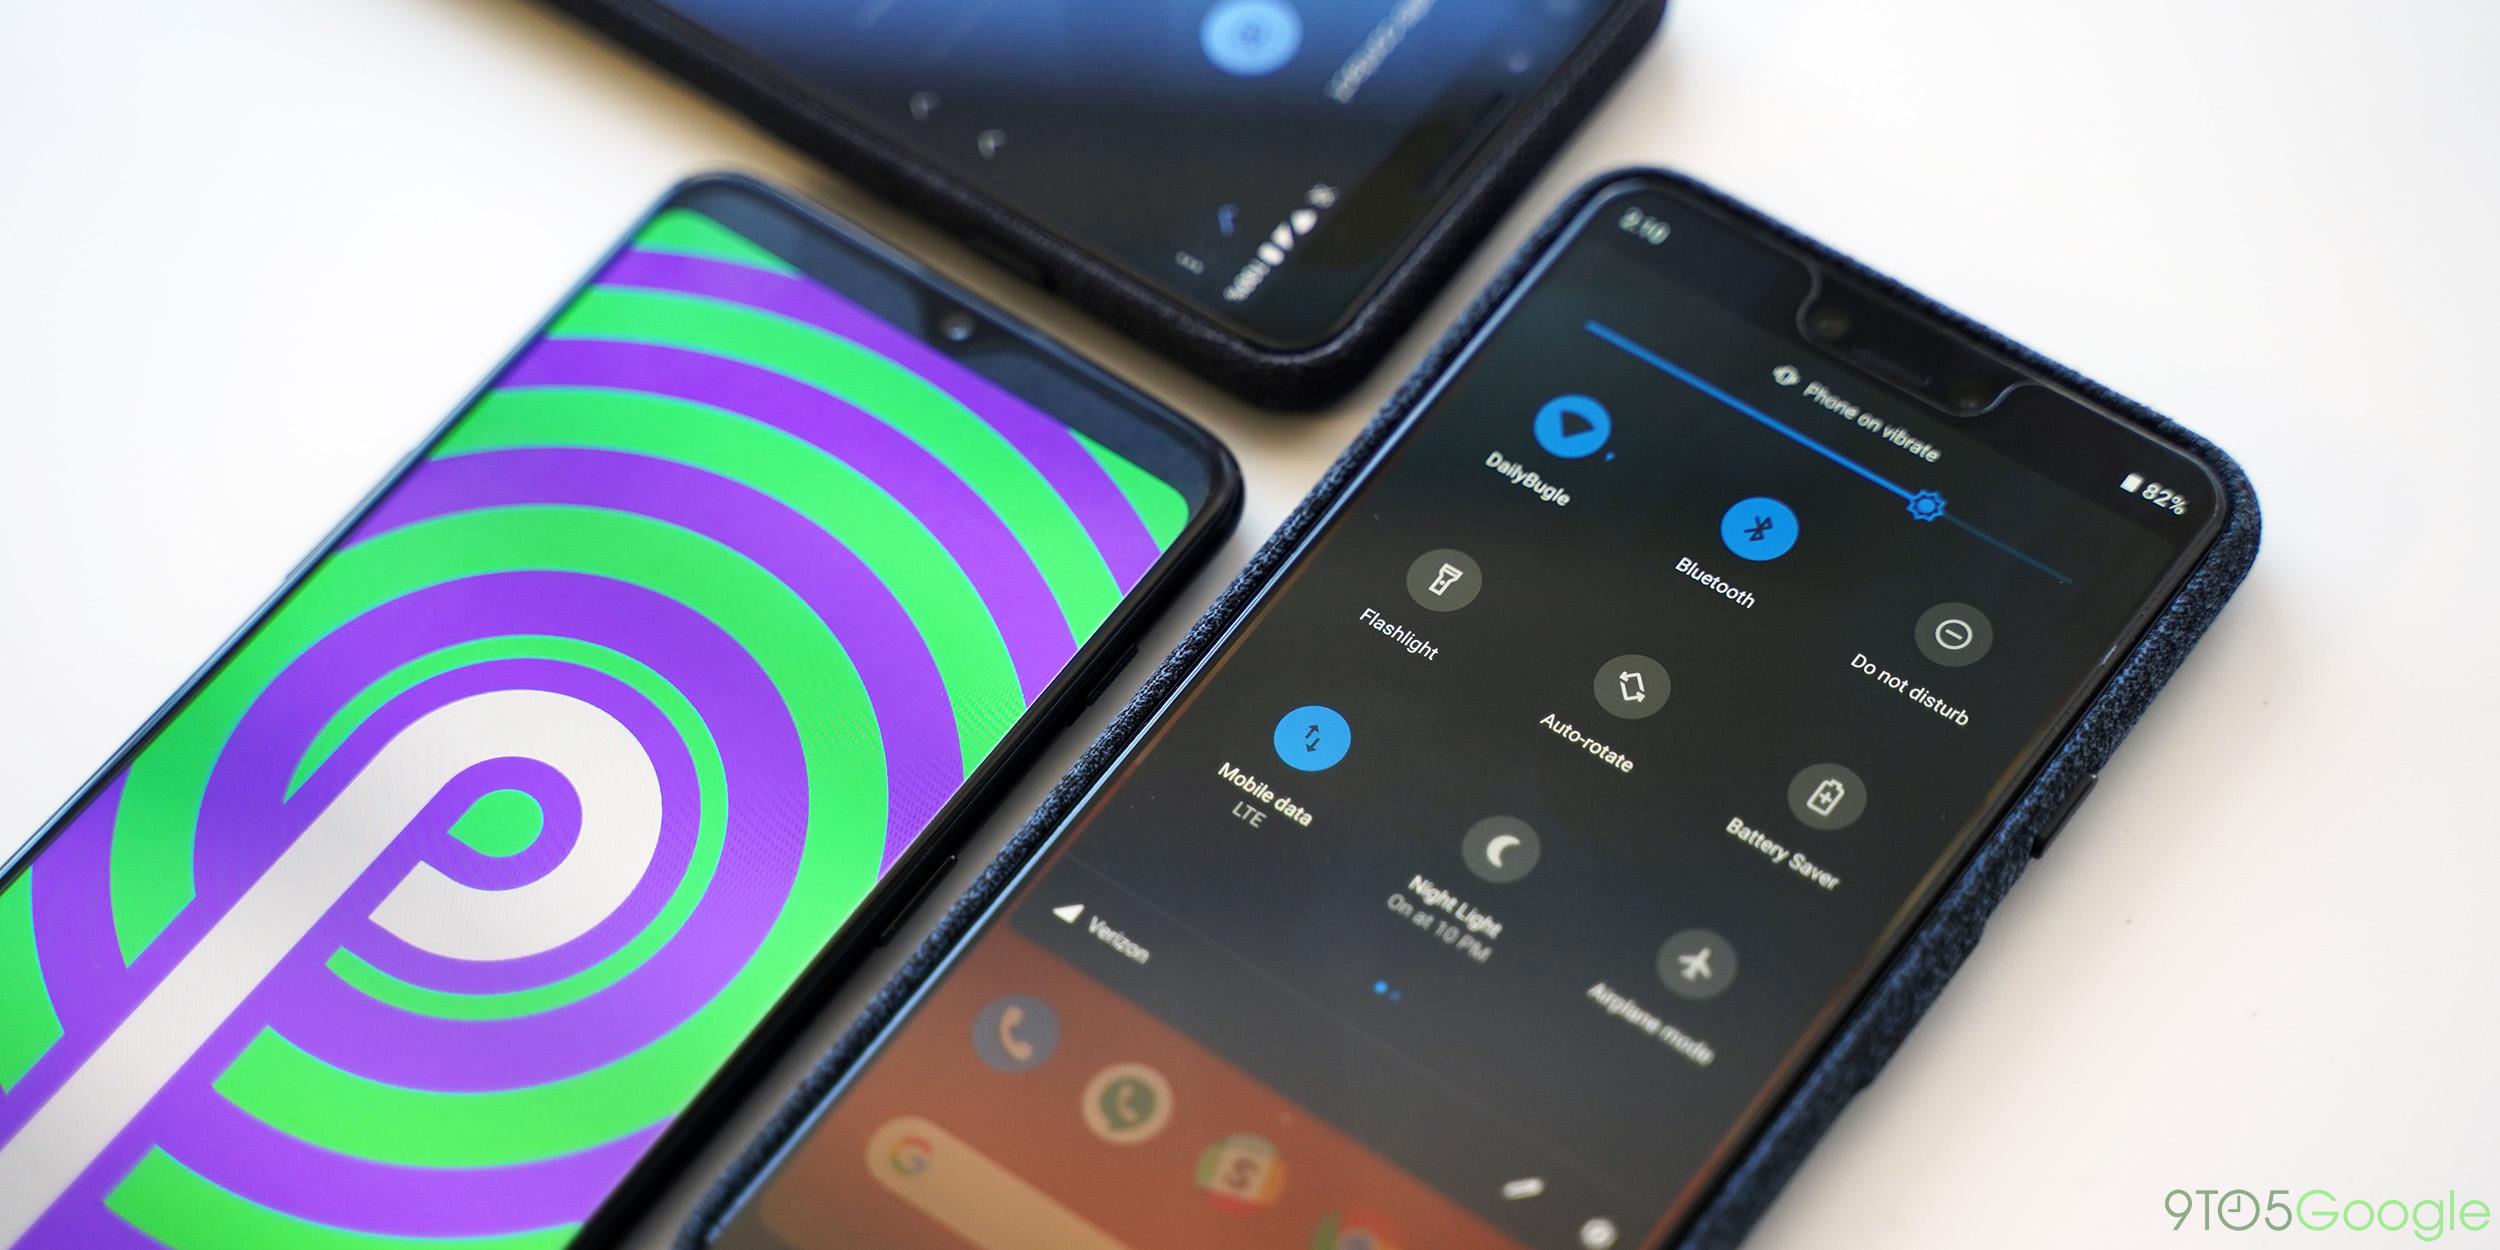 [Update: Privat gemacht] Googler schlägt vor, dass Android Q einen systemweiten Dark-Modus bereitstellt, sodass weitere Apps aktualisiert werden